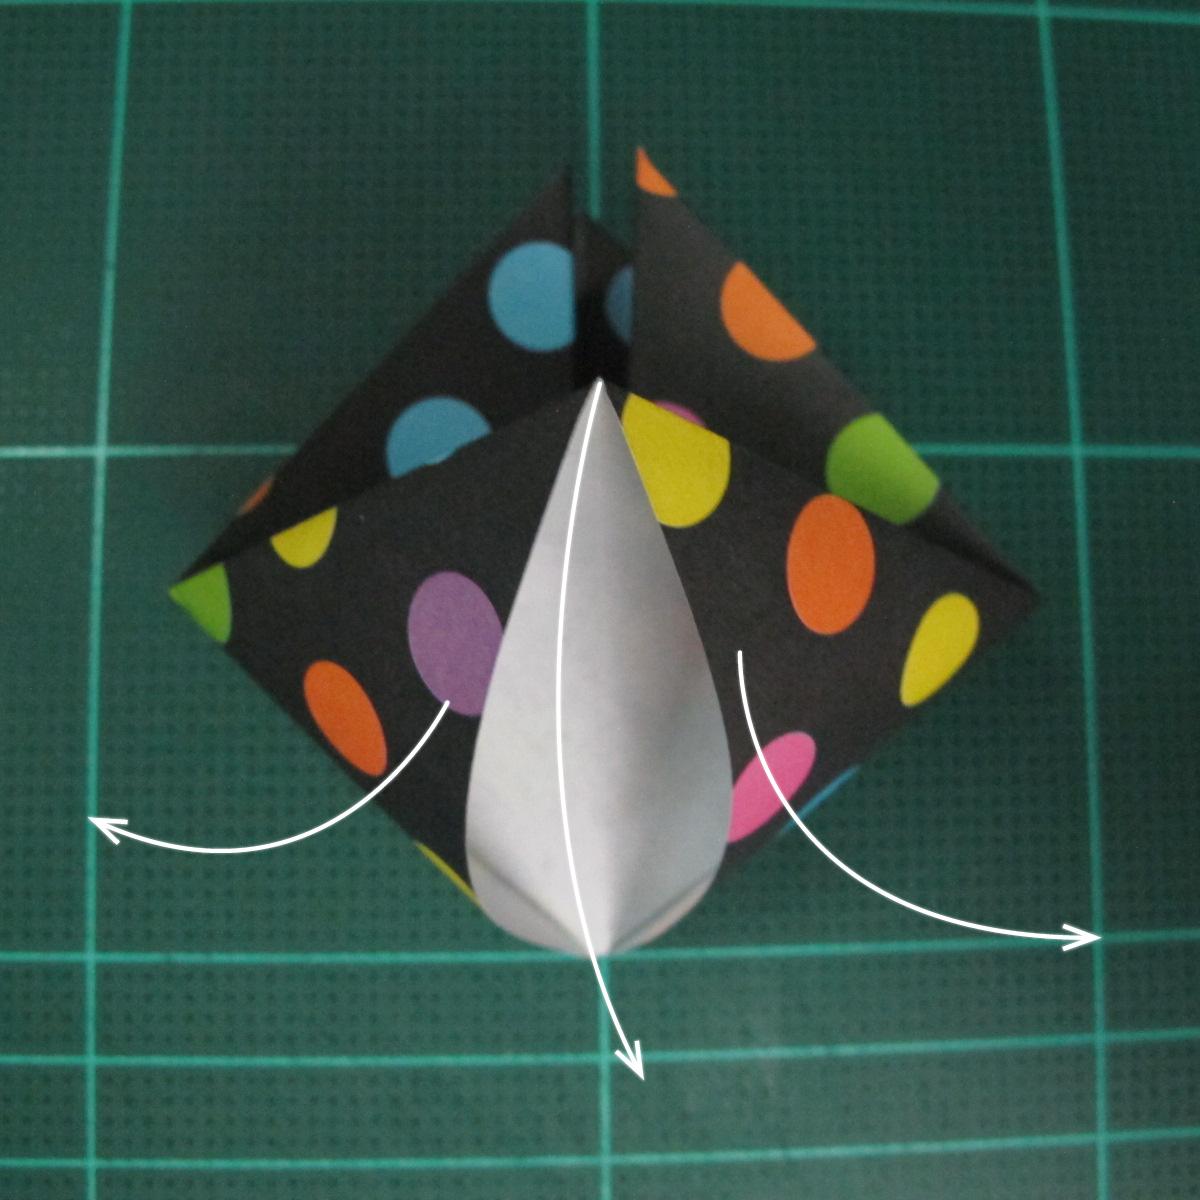 การพับกระดาษเป็นถุงใส่ขนมแบบญี่ปุ่น (Origami Sambo) 005